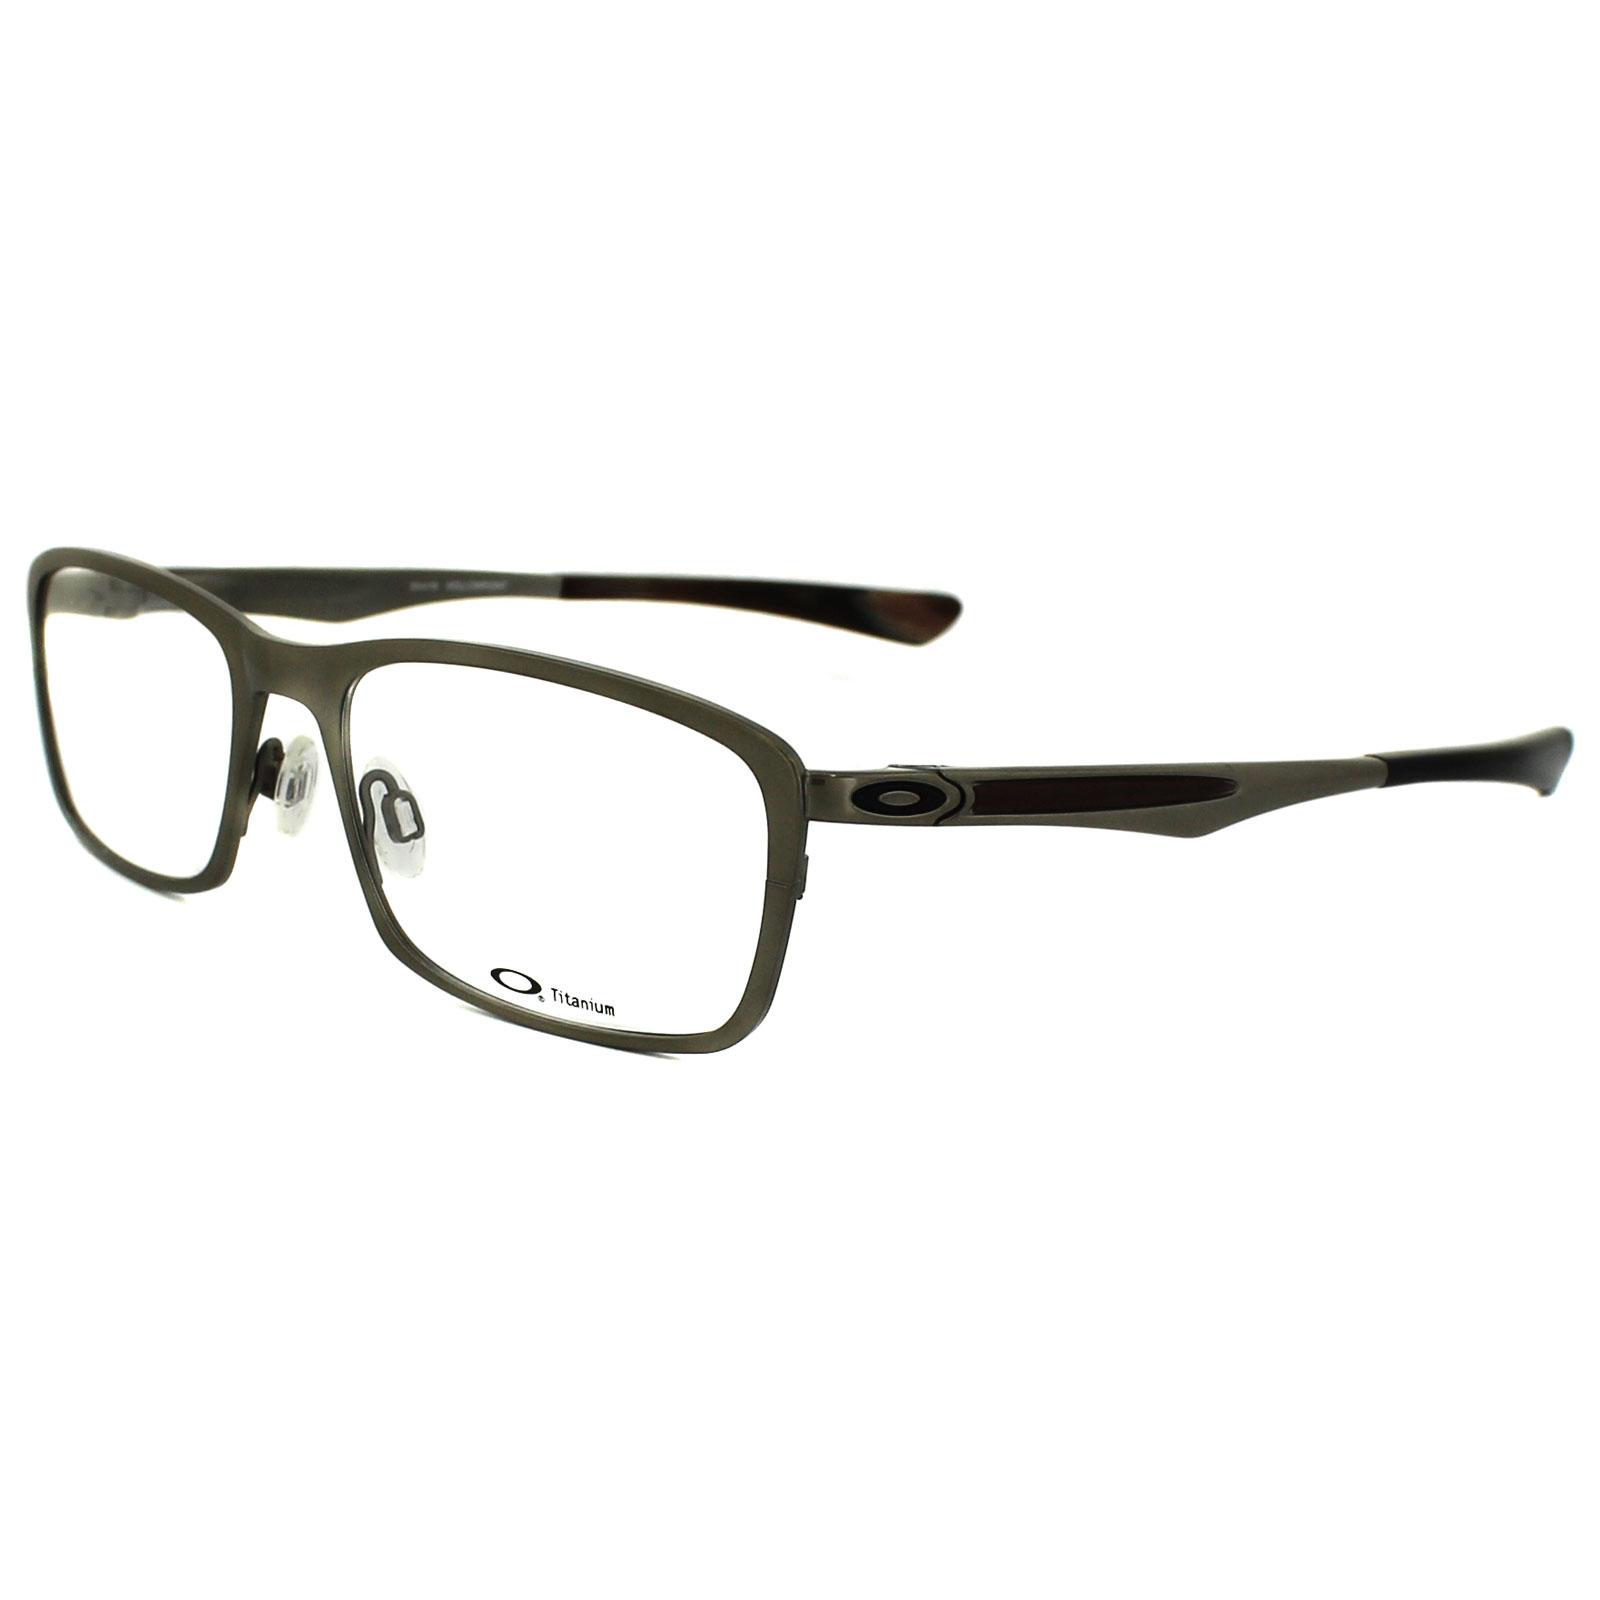 oakley glasses frames hollowpoint 5075 02 silver ebay